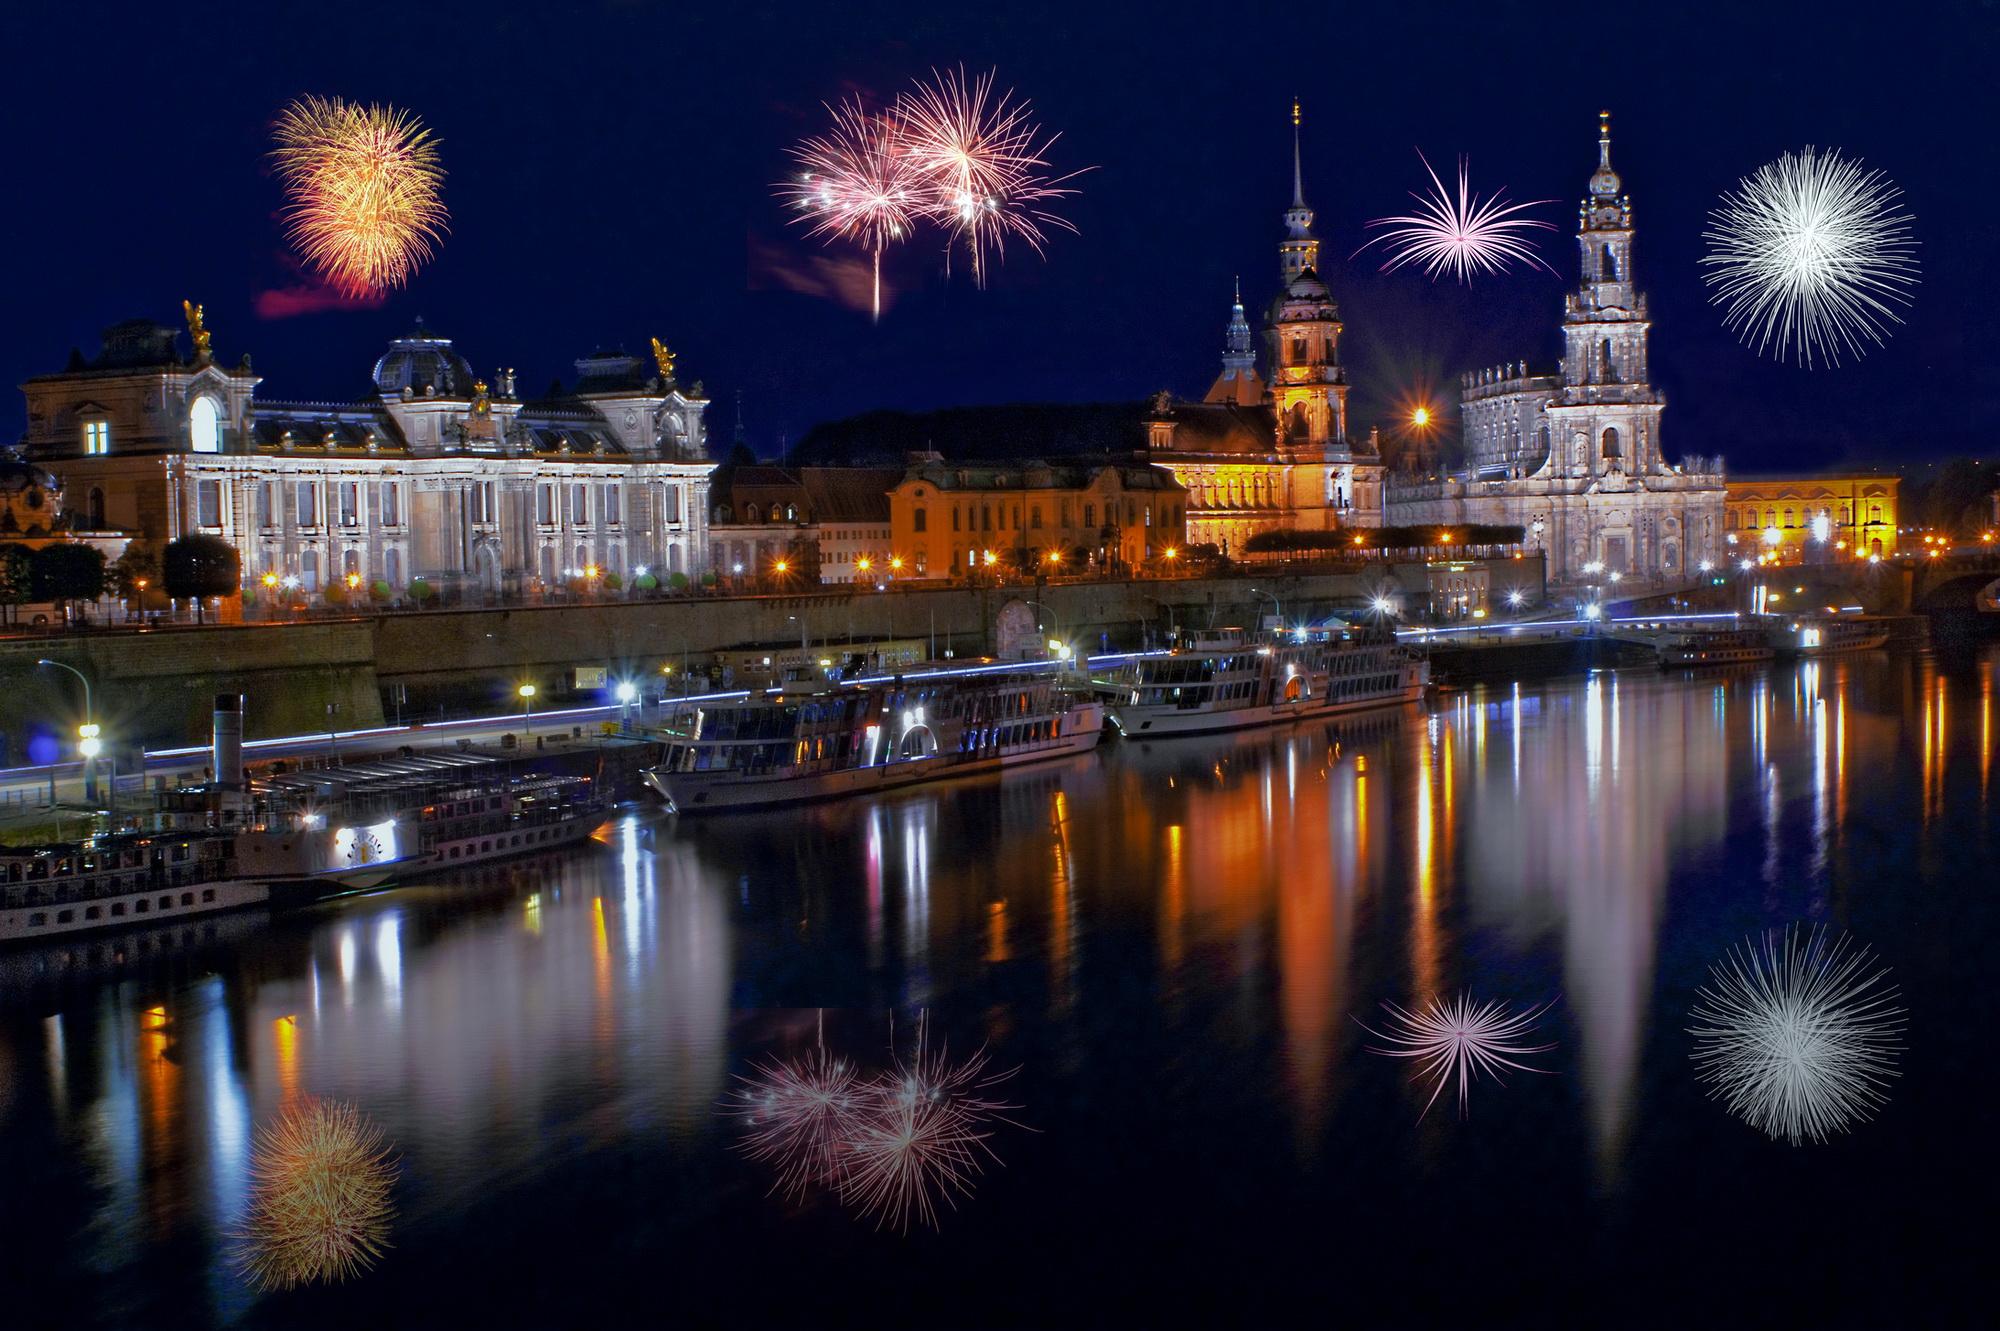 Картинки Дрезден Салют Германия Реки берег Ночные Дома Города фейерверк река Ночь речка ночью в ночи Побережье город Здания